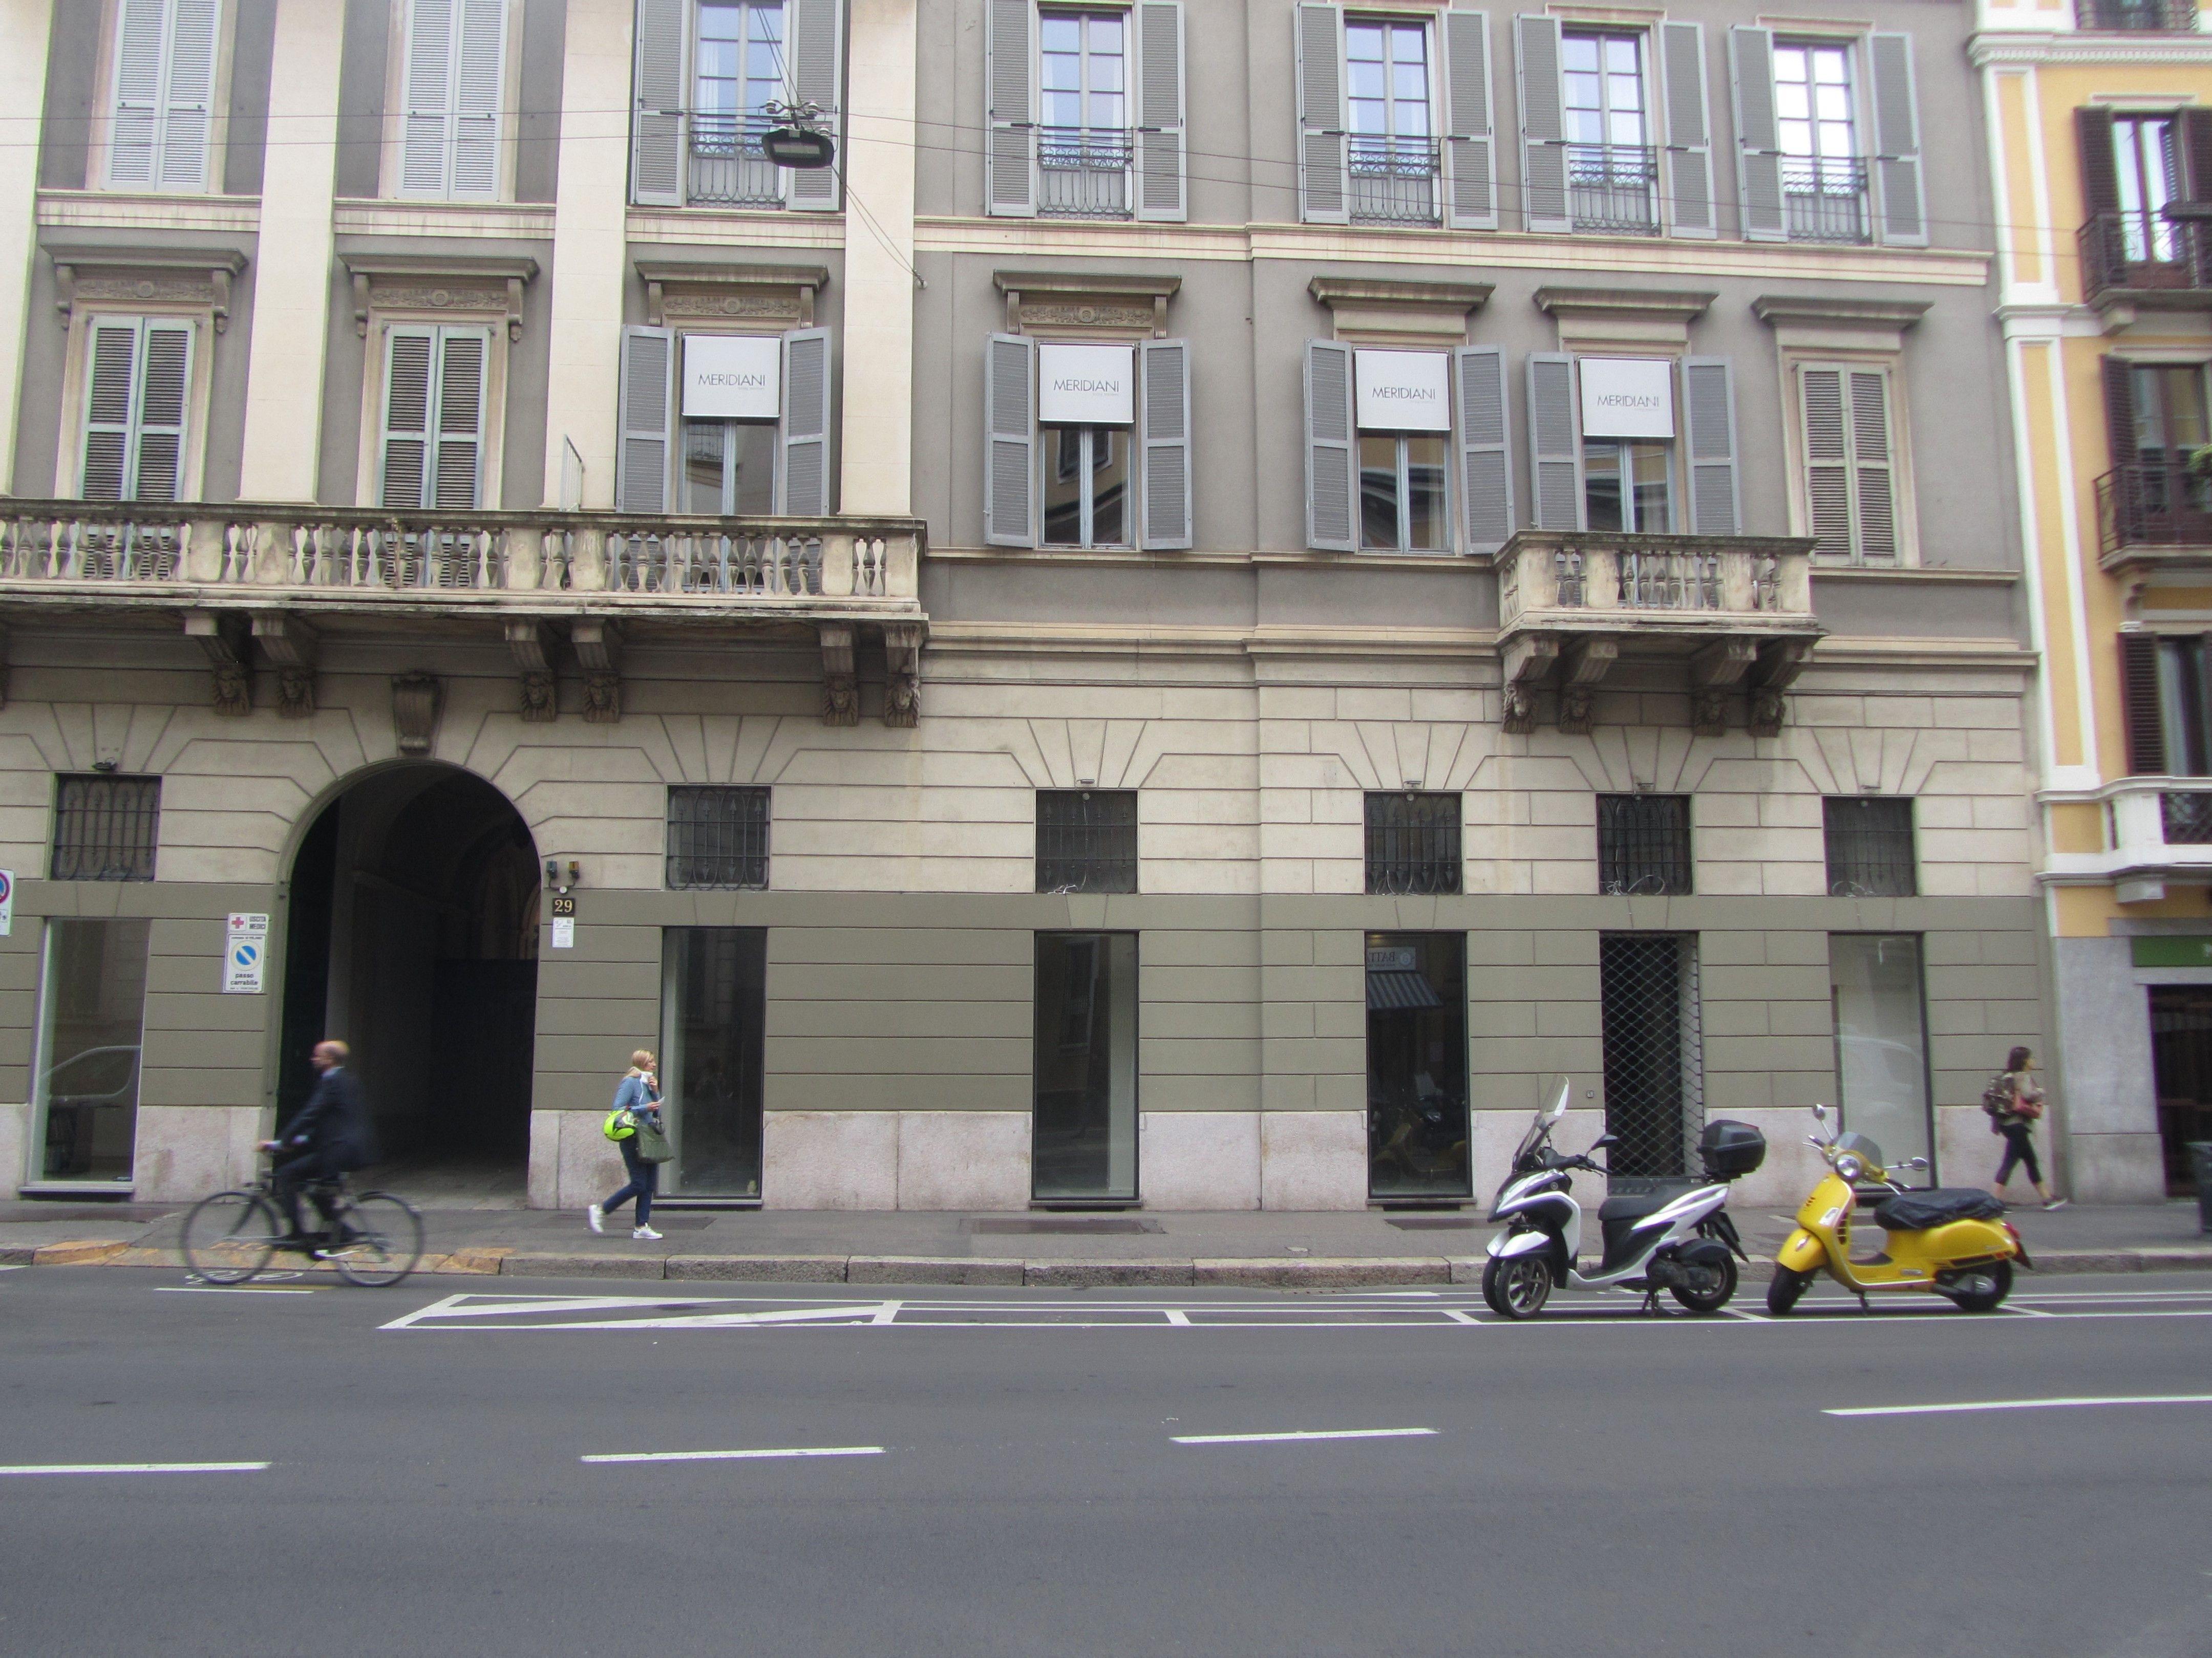 Negozio uso commerciale affitto a Milano